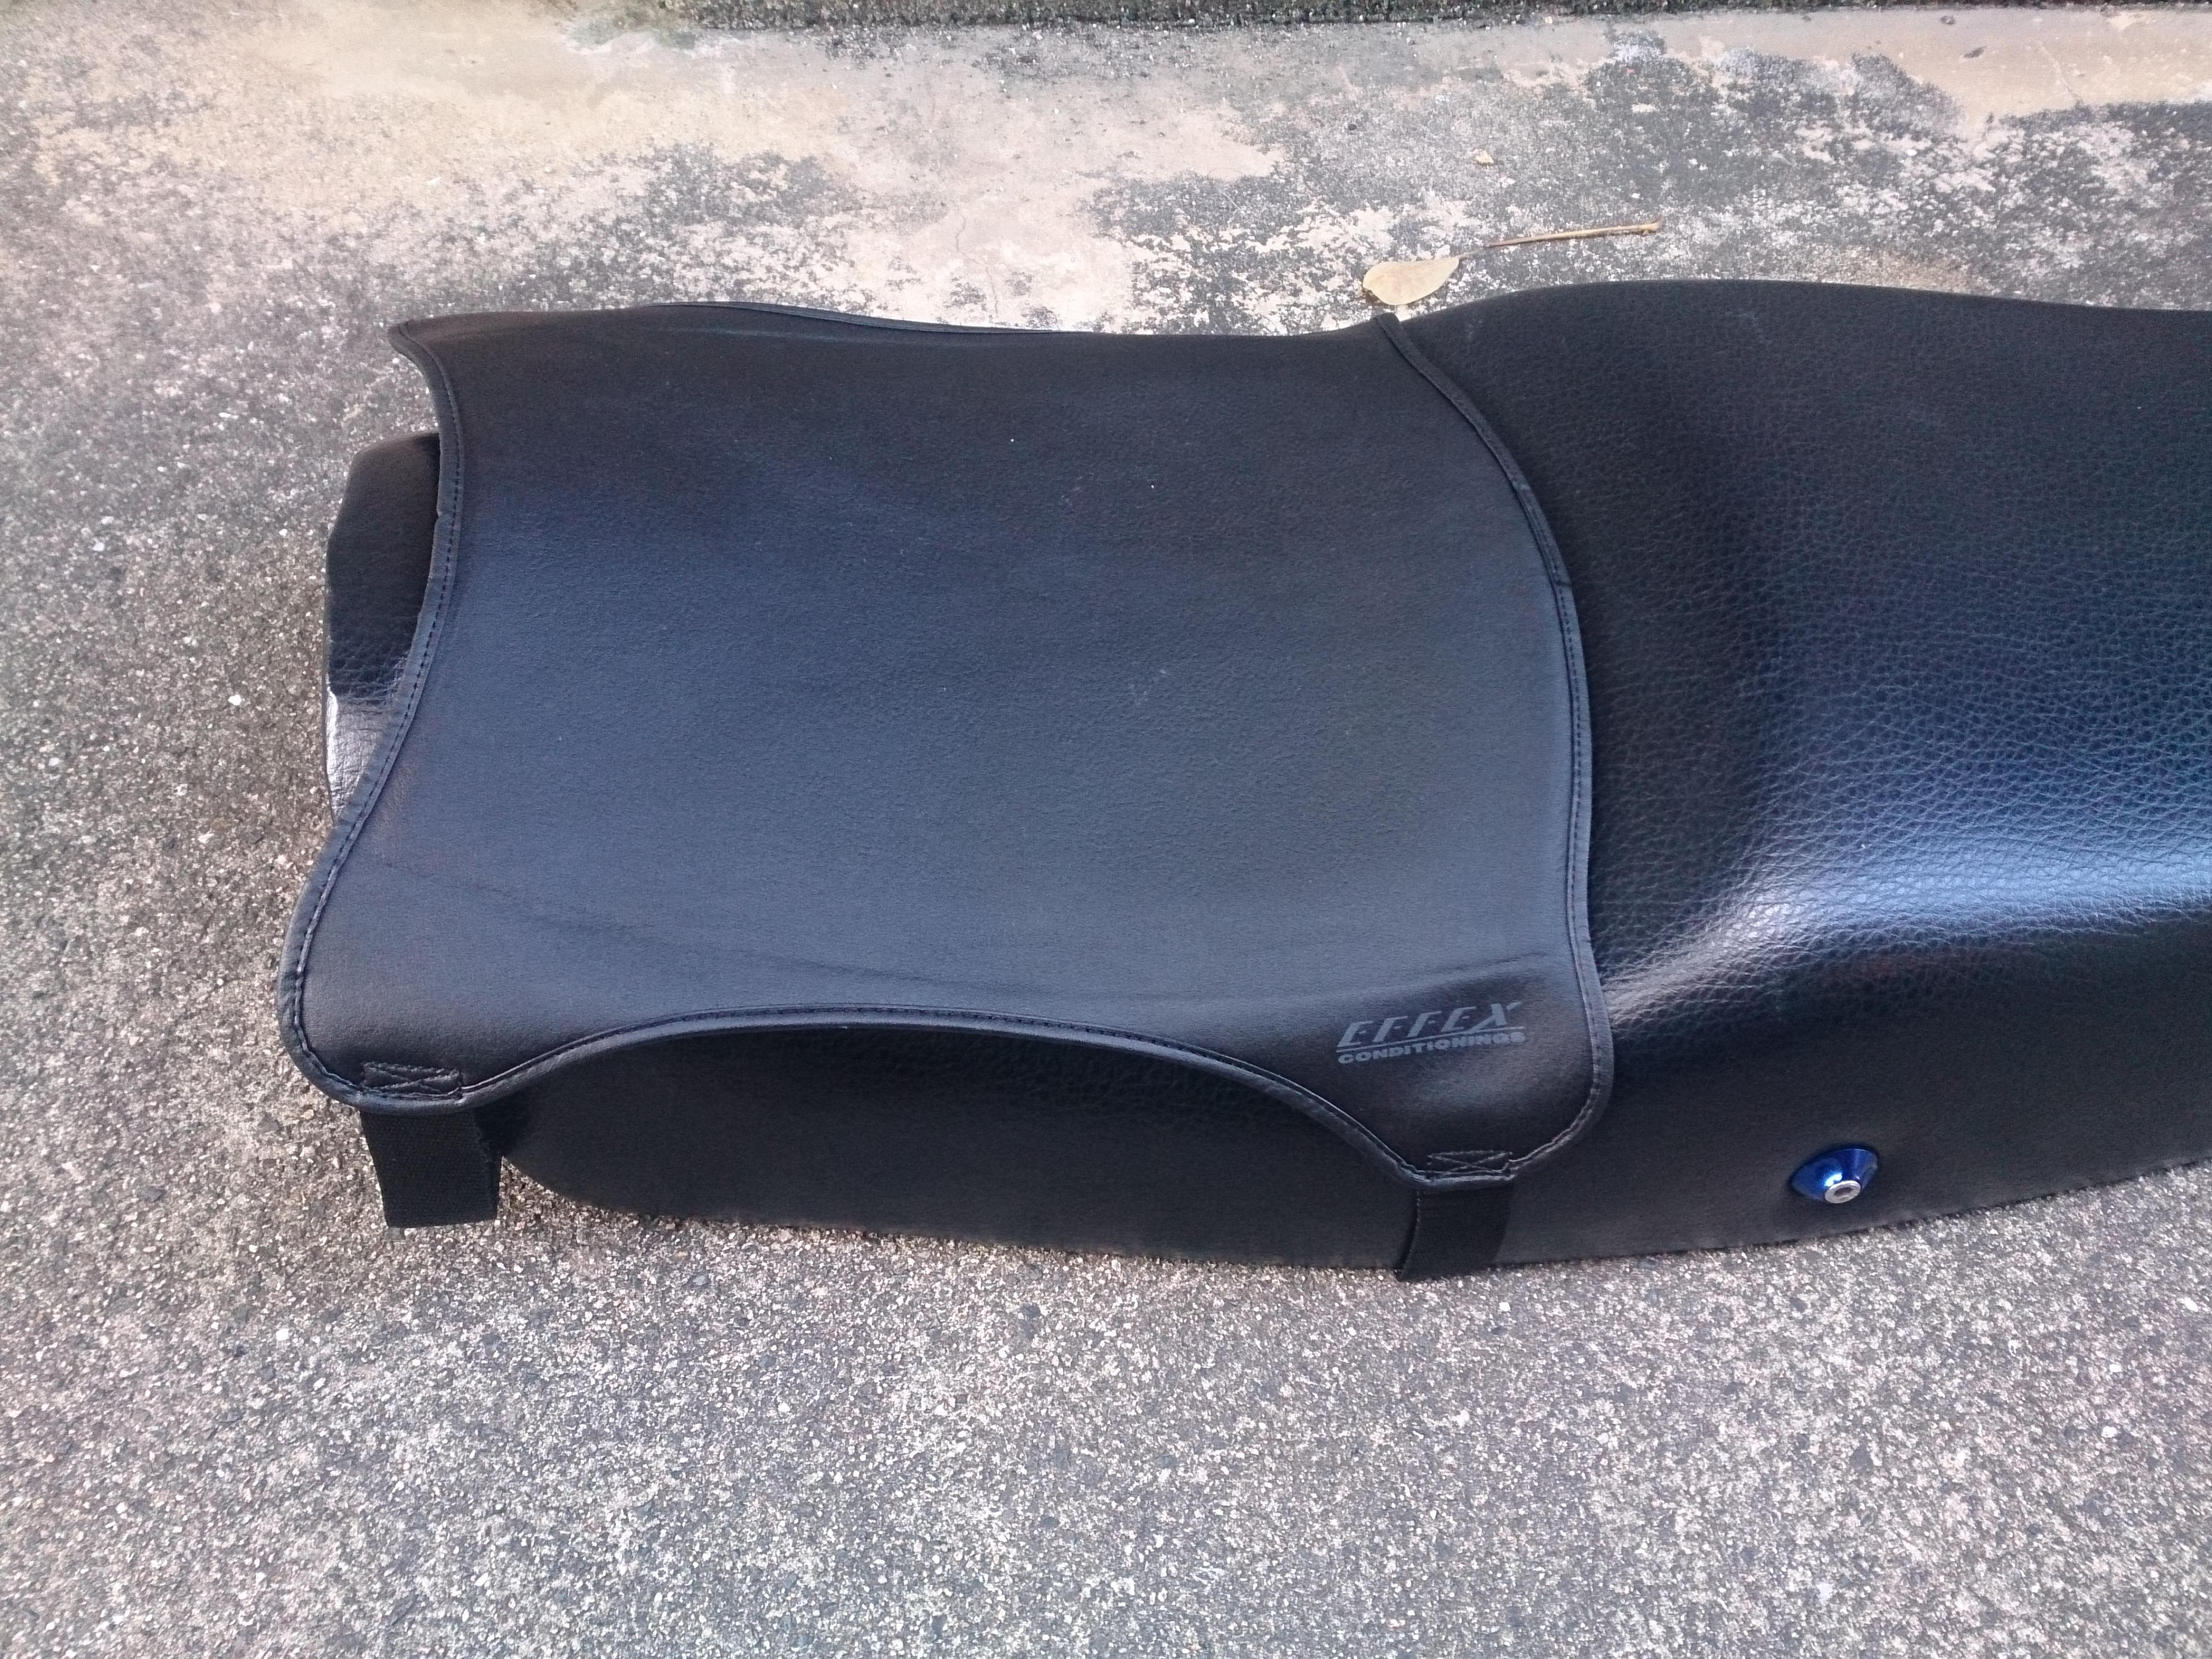 バイク用座布団ゲルザブのシート装着イメージ